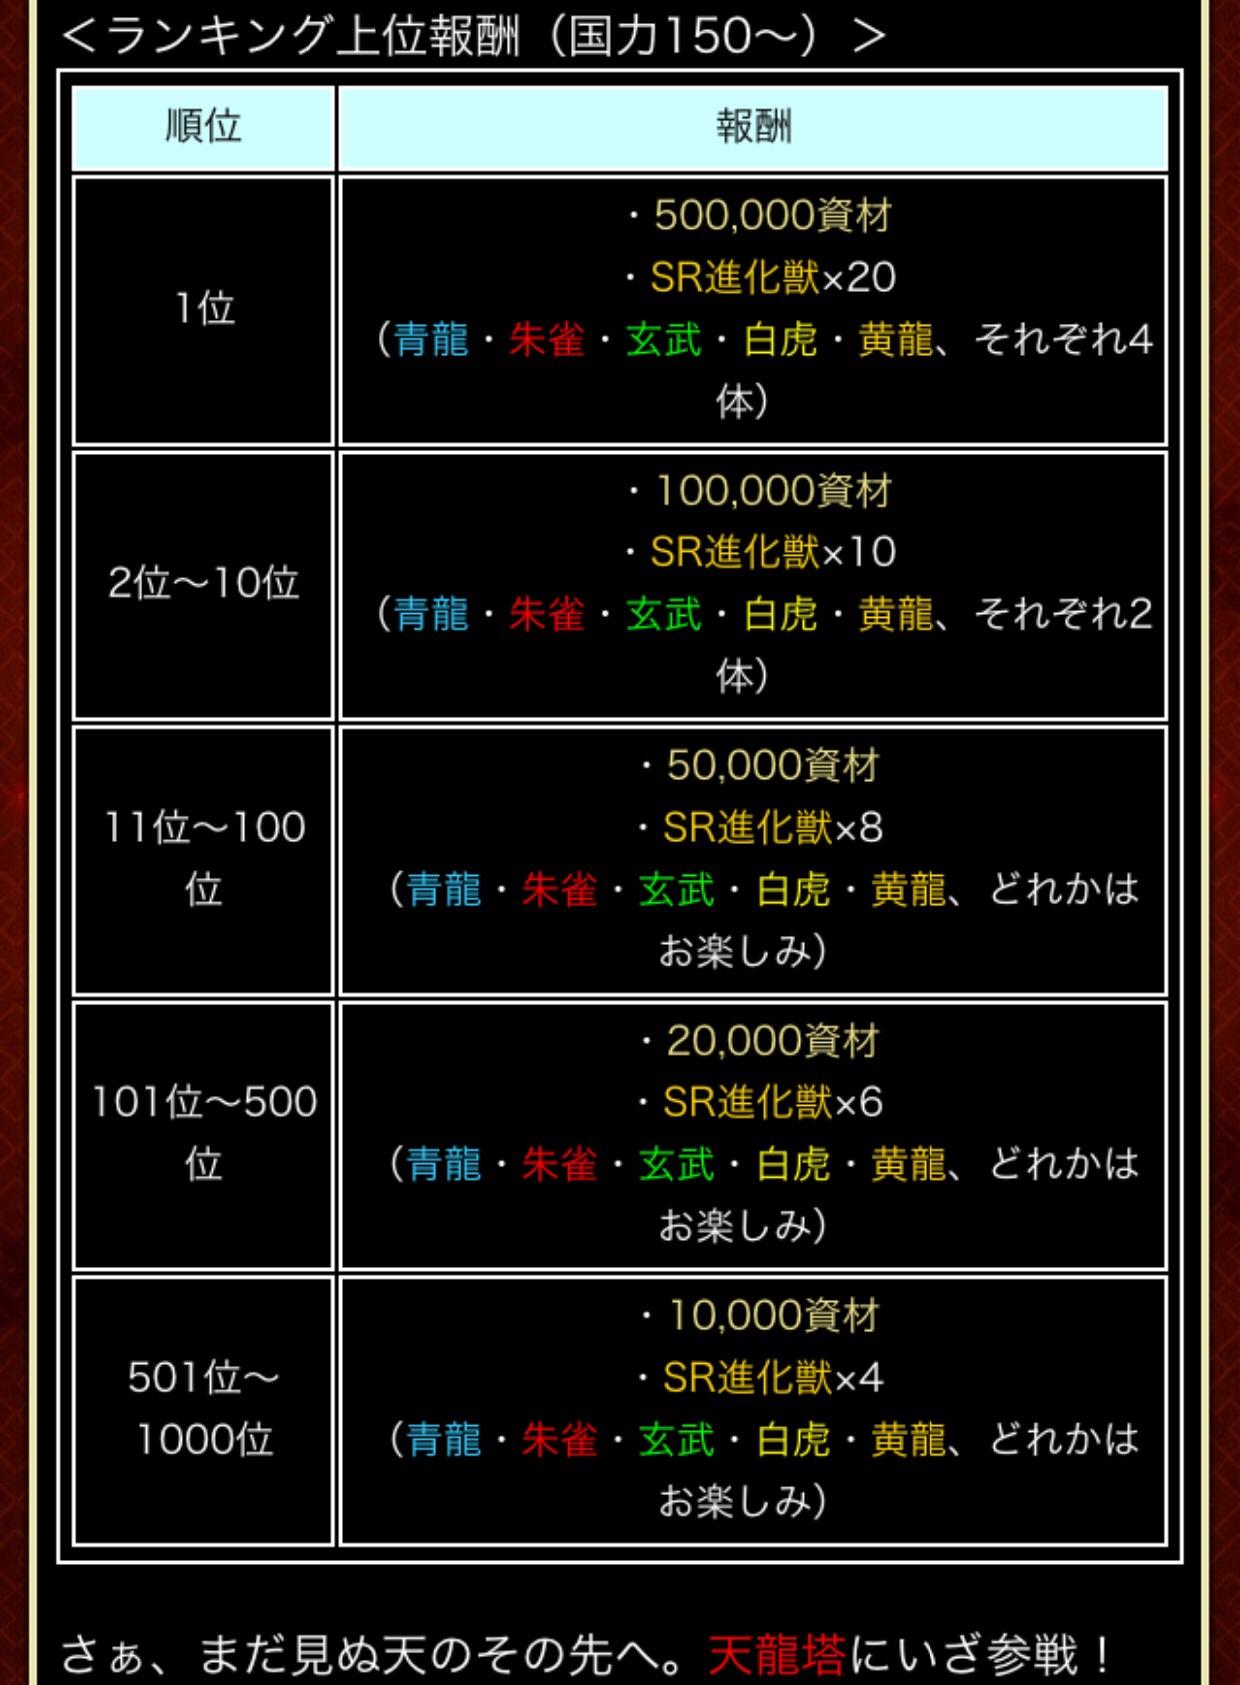 20160305200436940.jpg